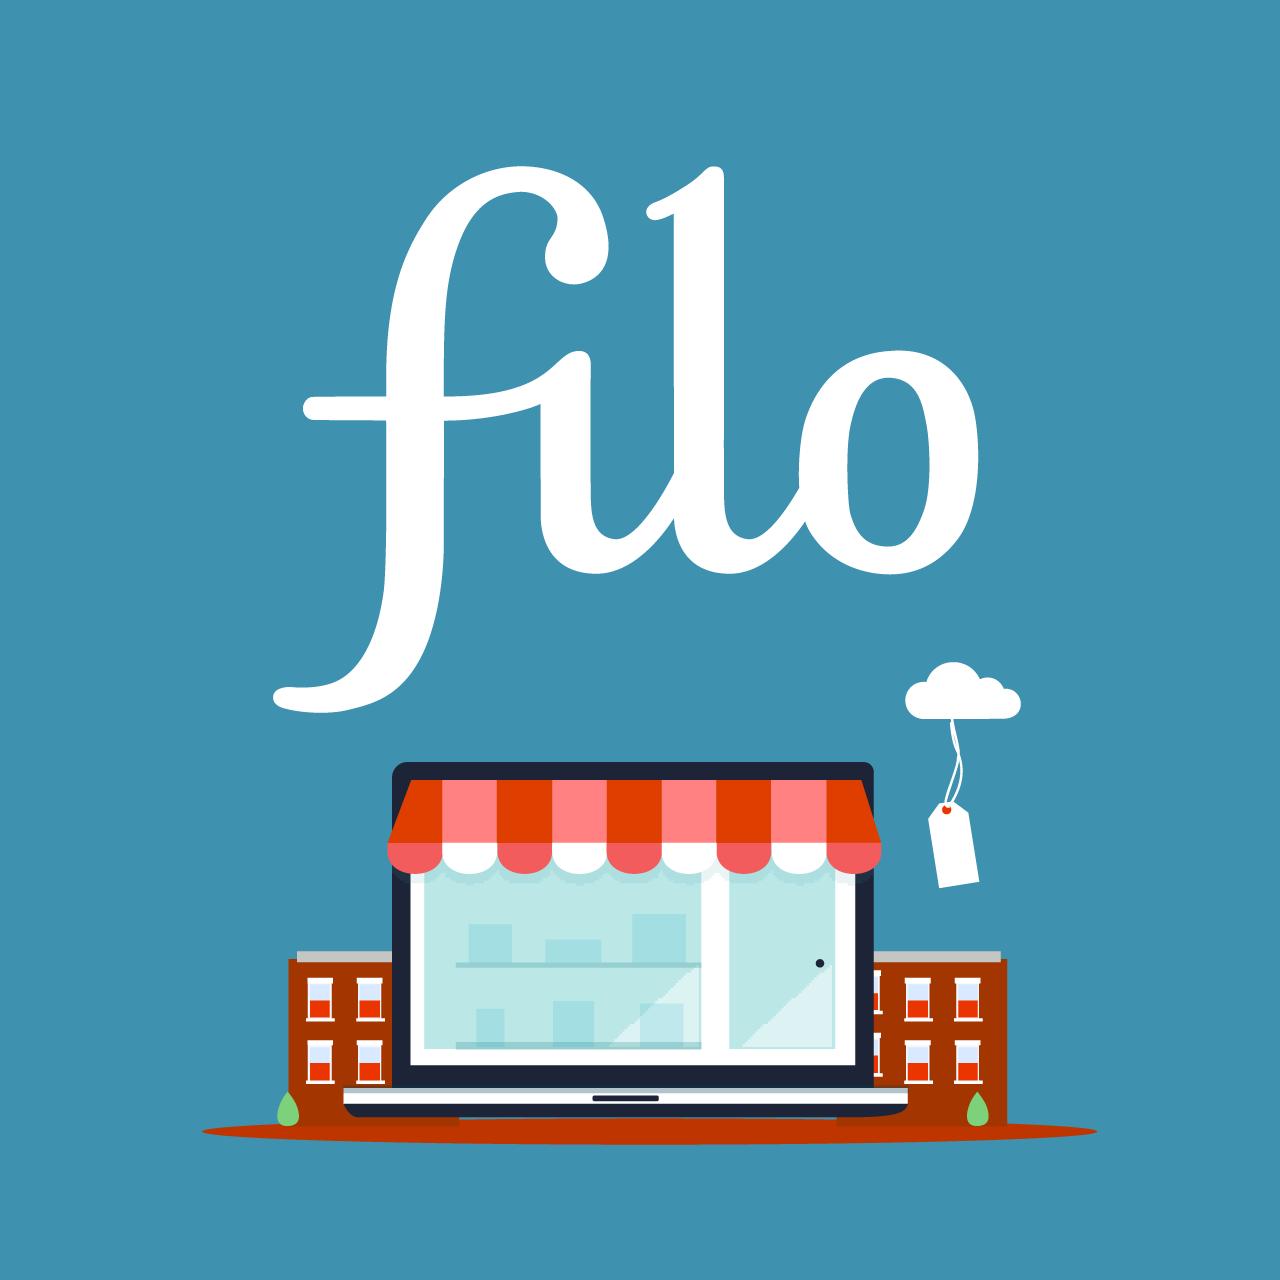 Rusza sklep internetowy Filo